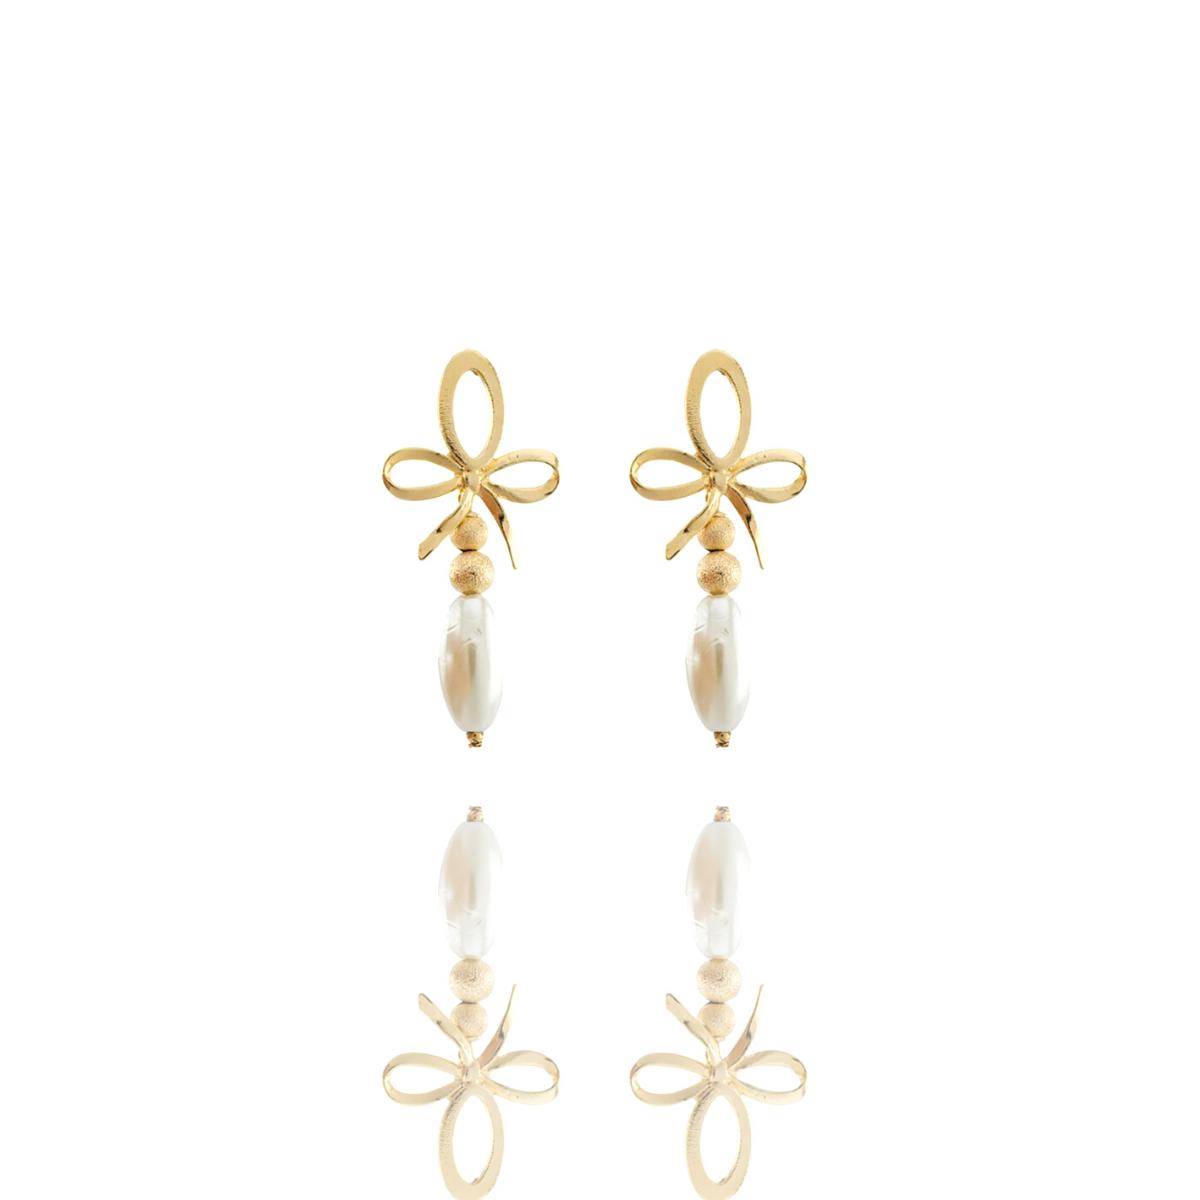 Brinco Barbara Strauss Mégara Em Pérola Lalique, Revestido Em Ouro 18K